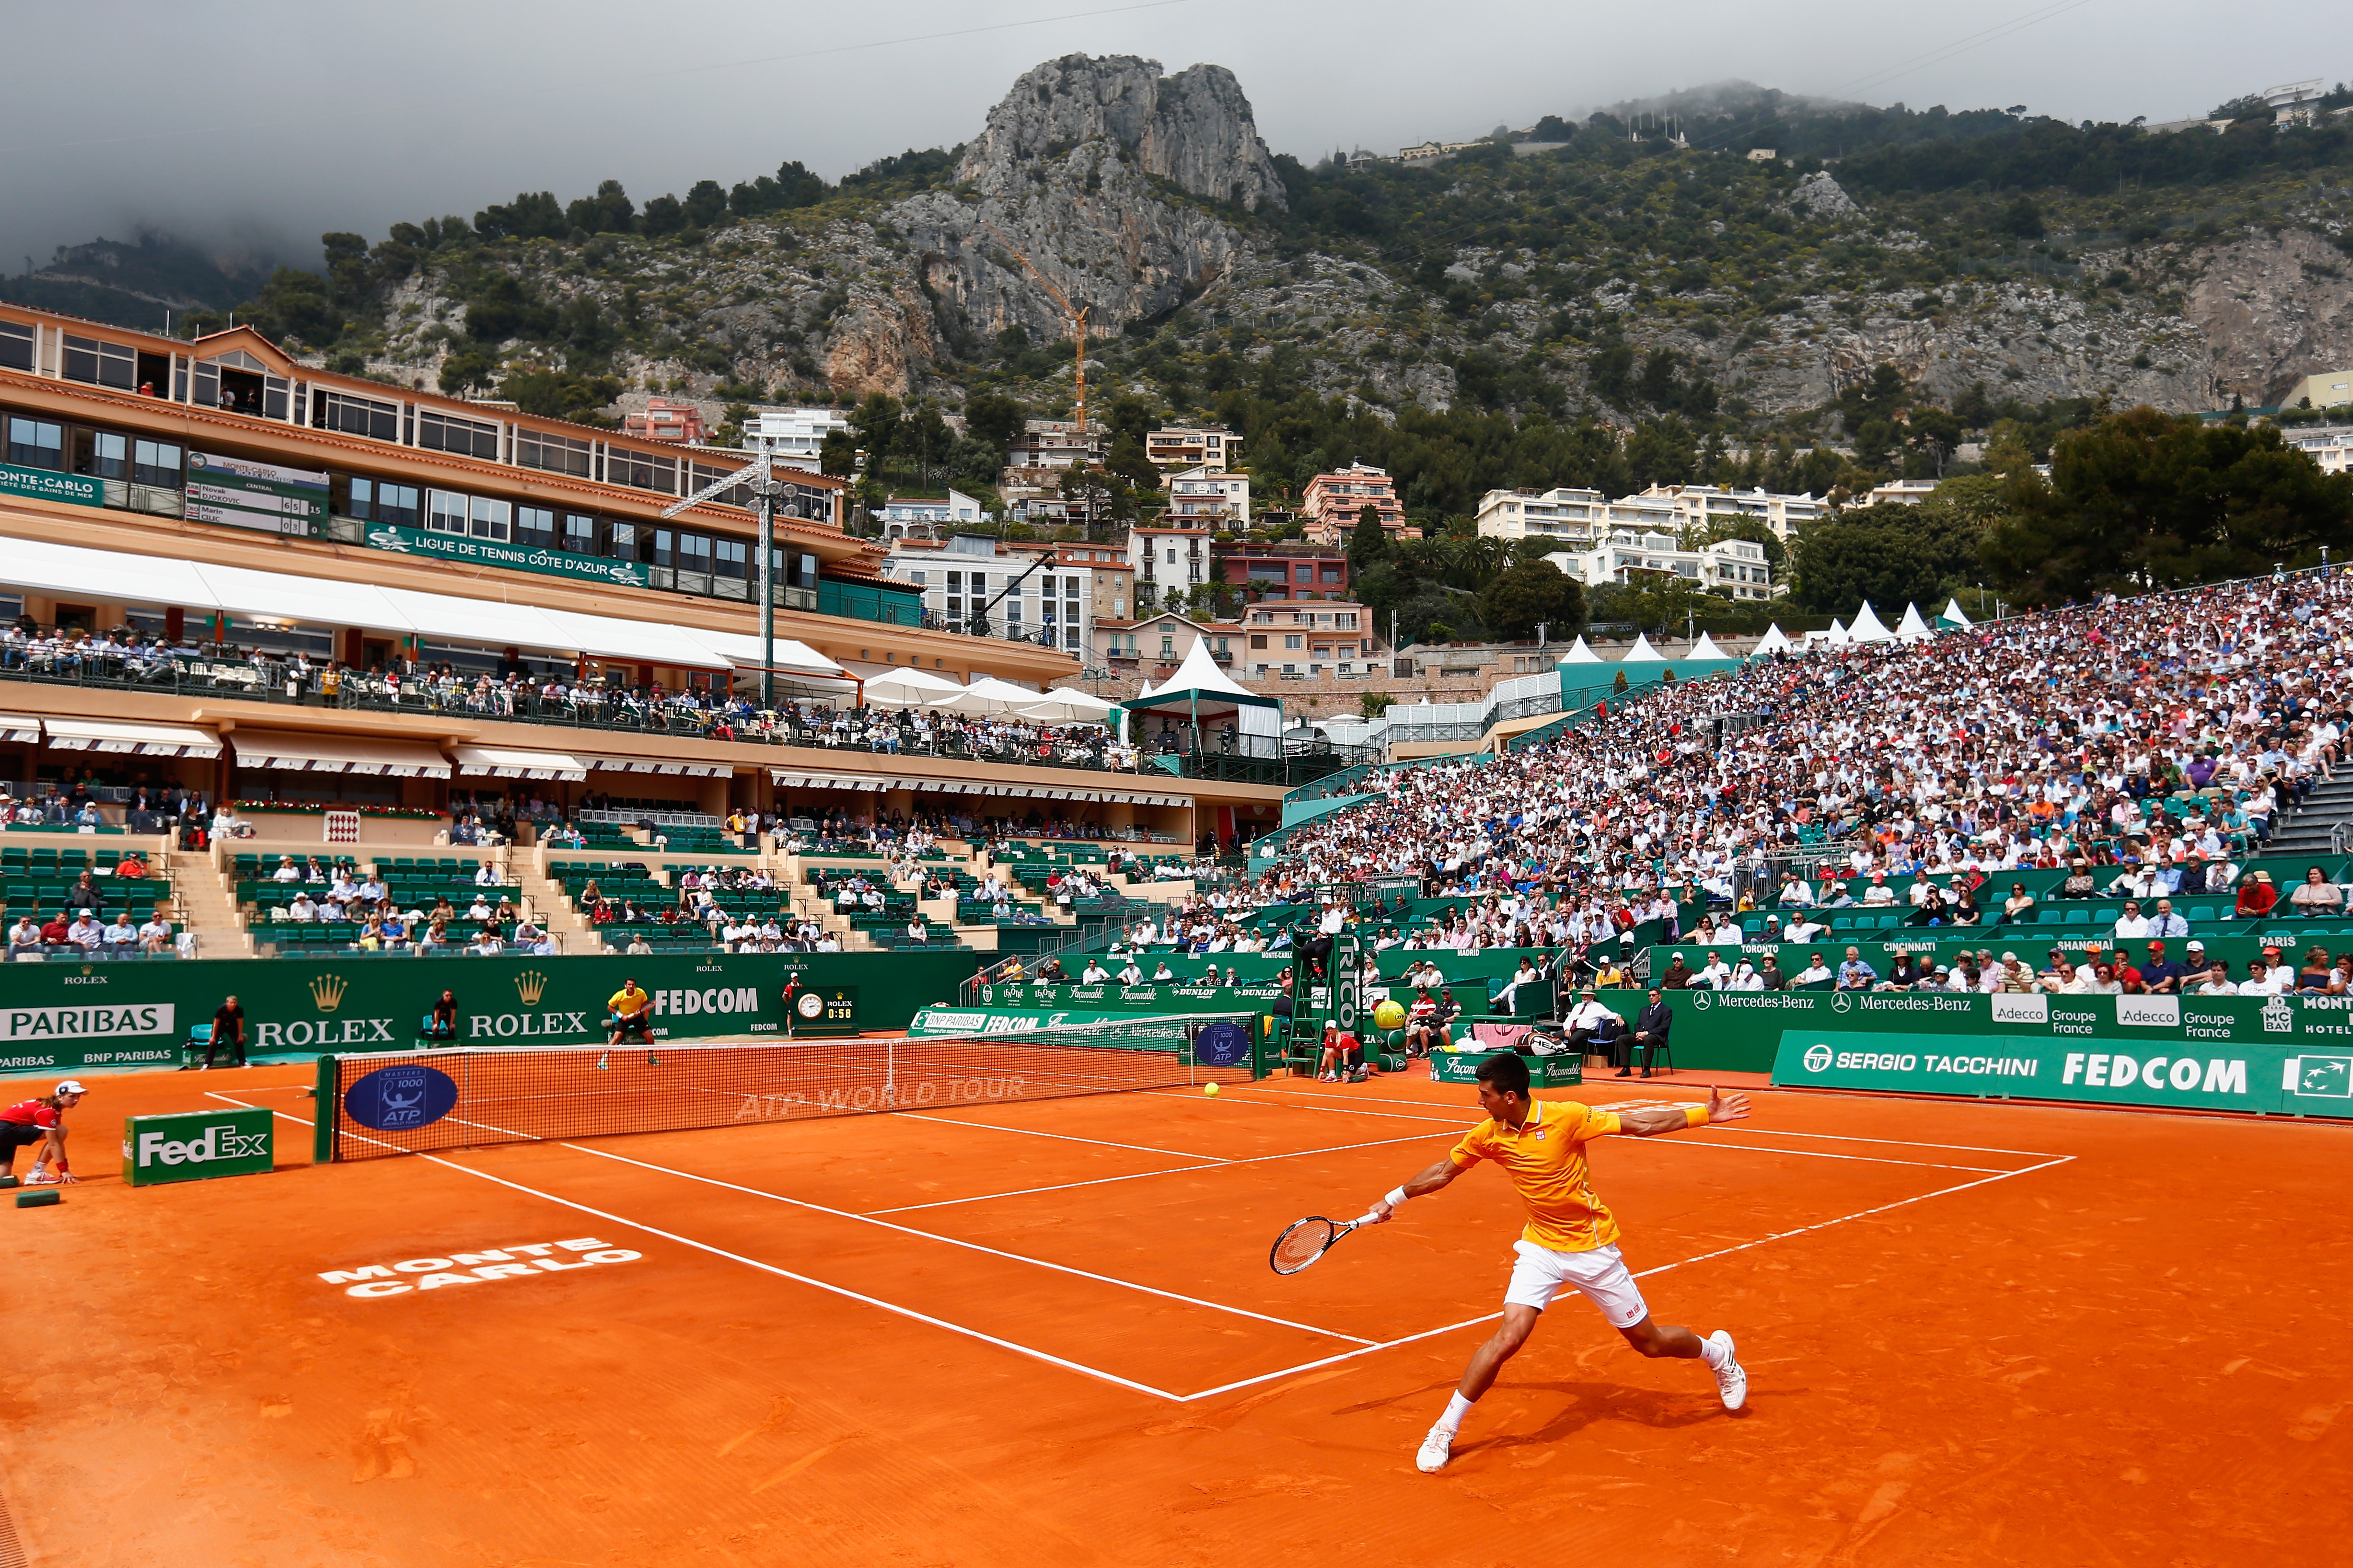 Monte-Carlos Masters